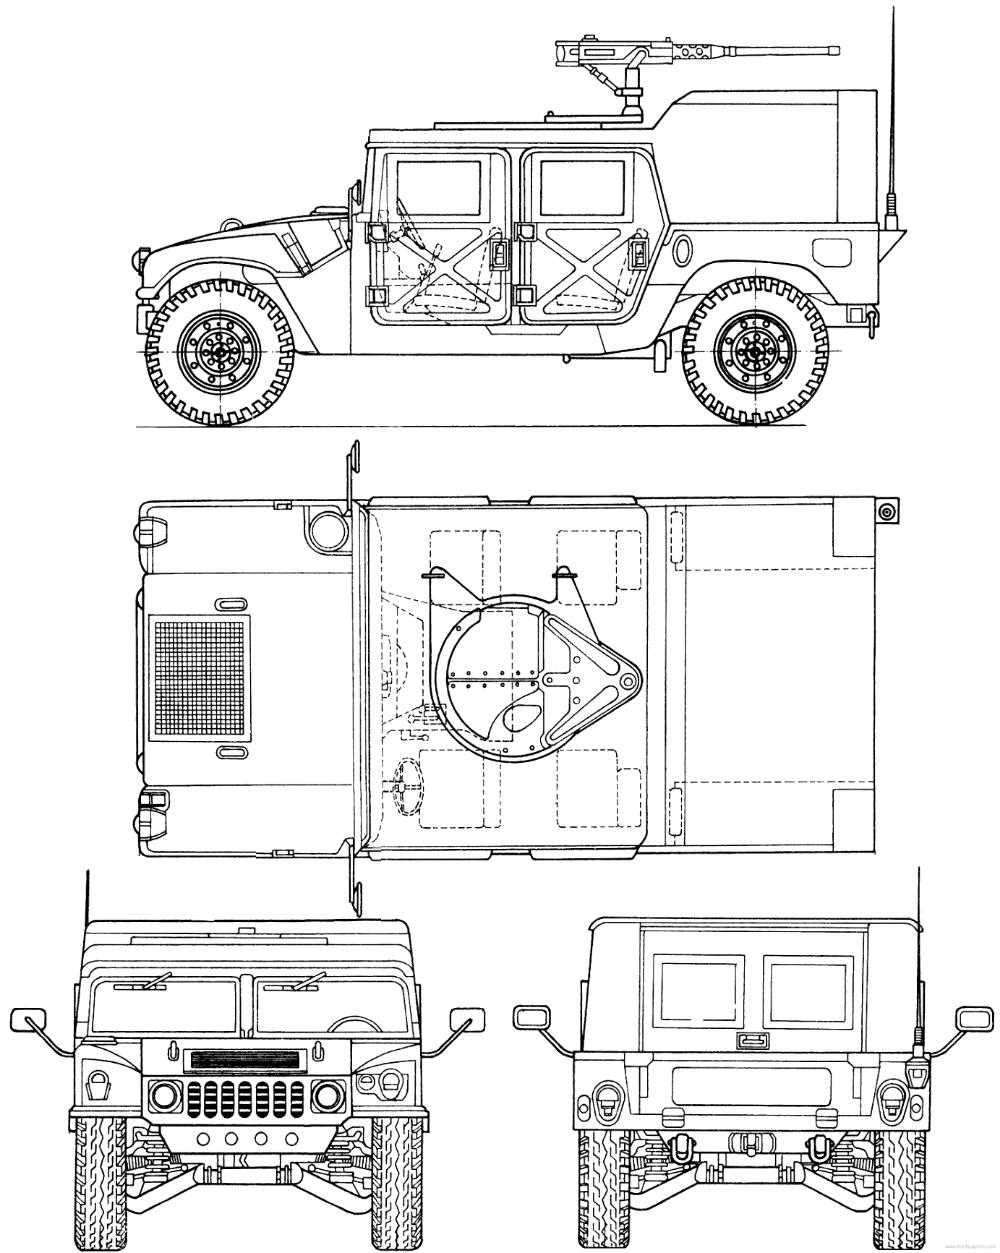 Am General Hmmwv M998 Humvee In 2020 Hummer Blueprints Model Cars Building